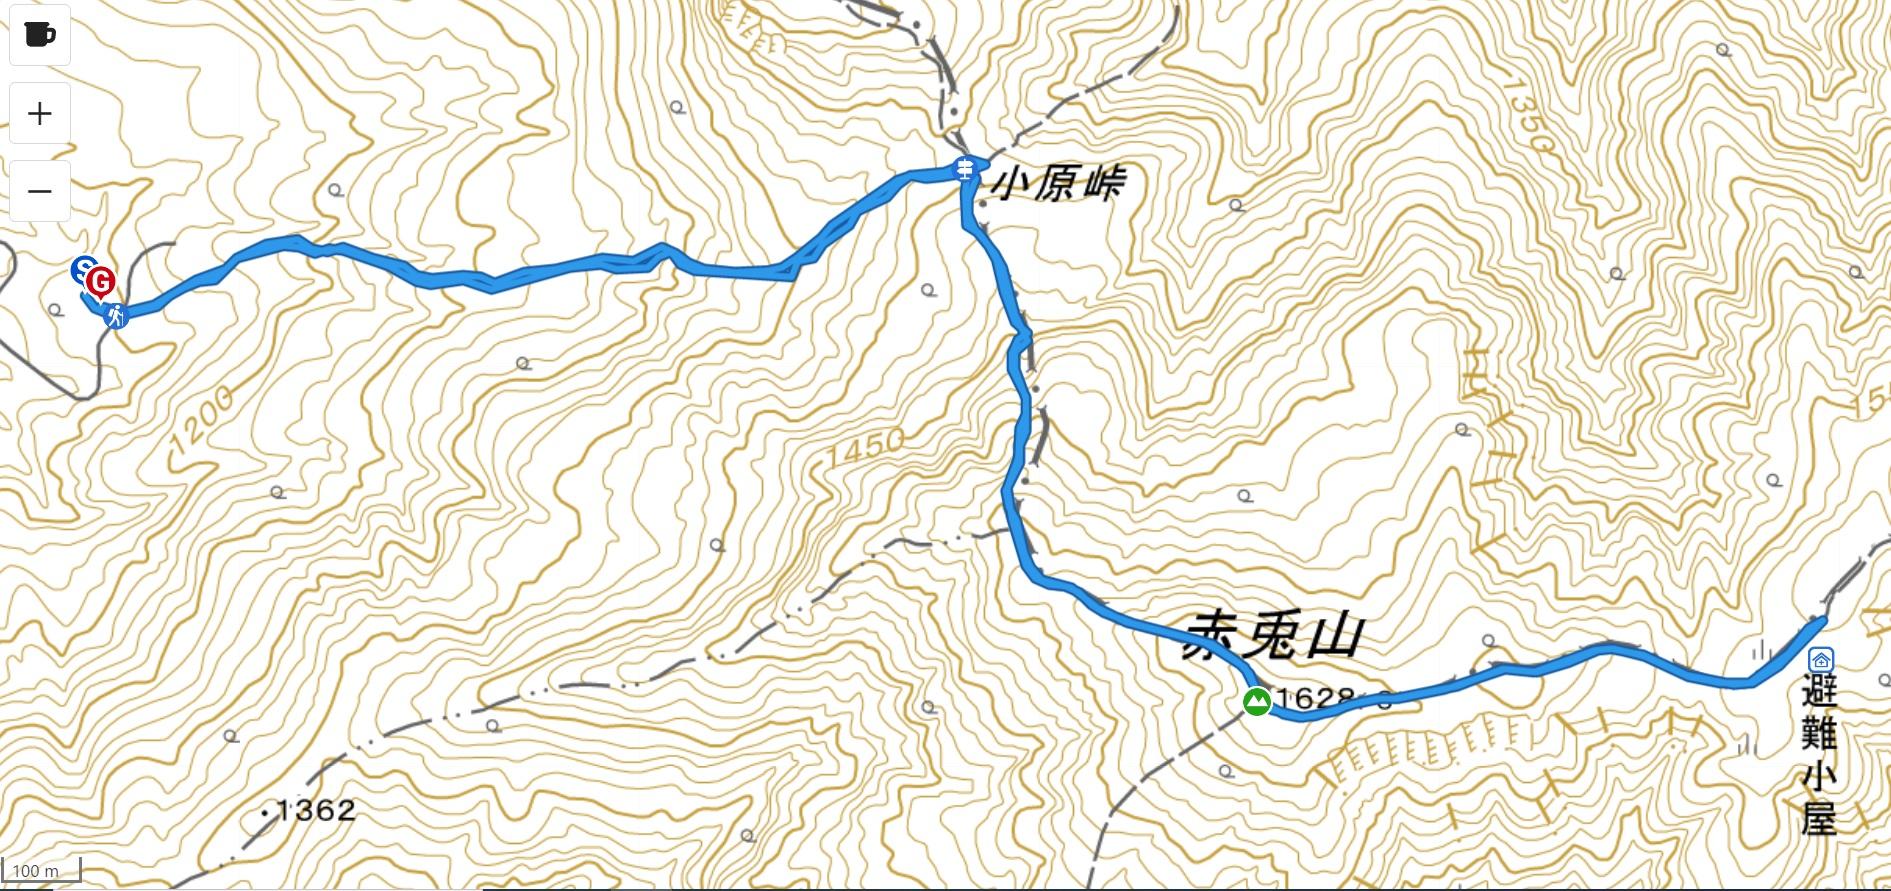 akausagiyama_map.jpg